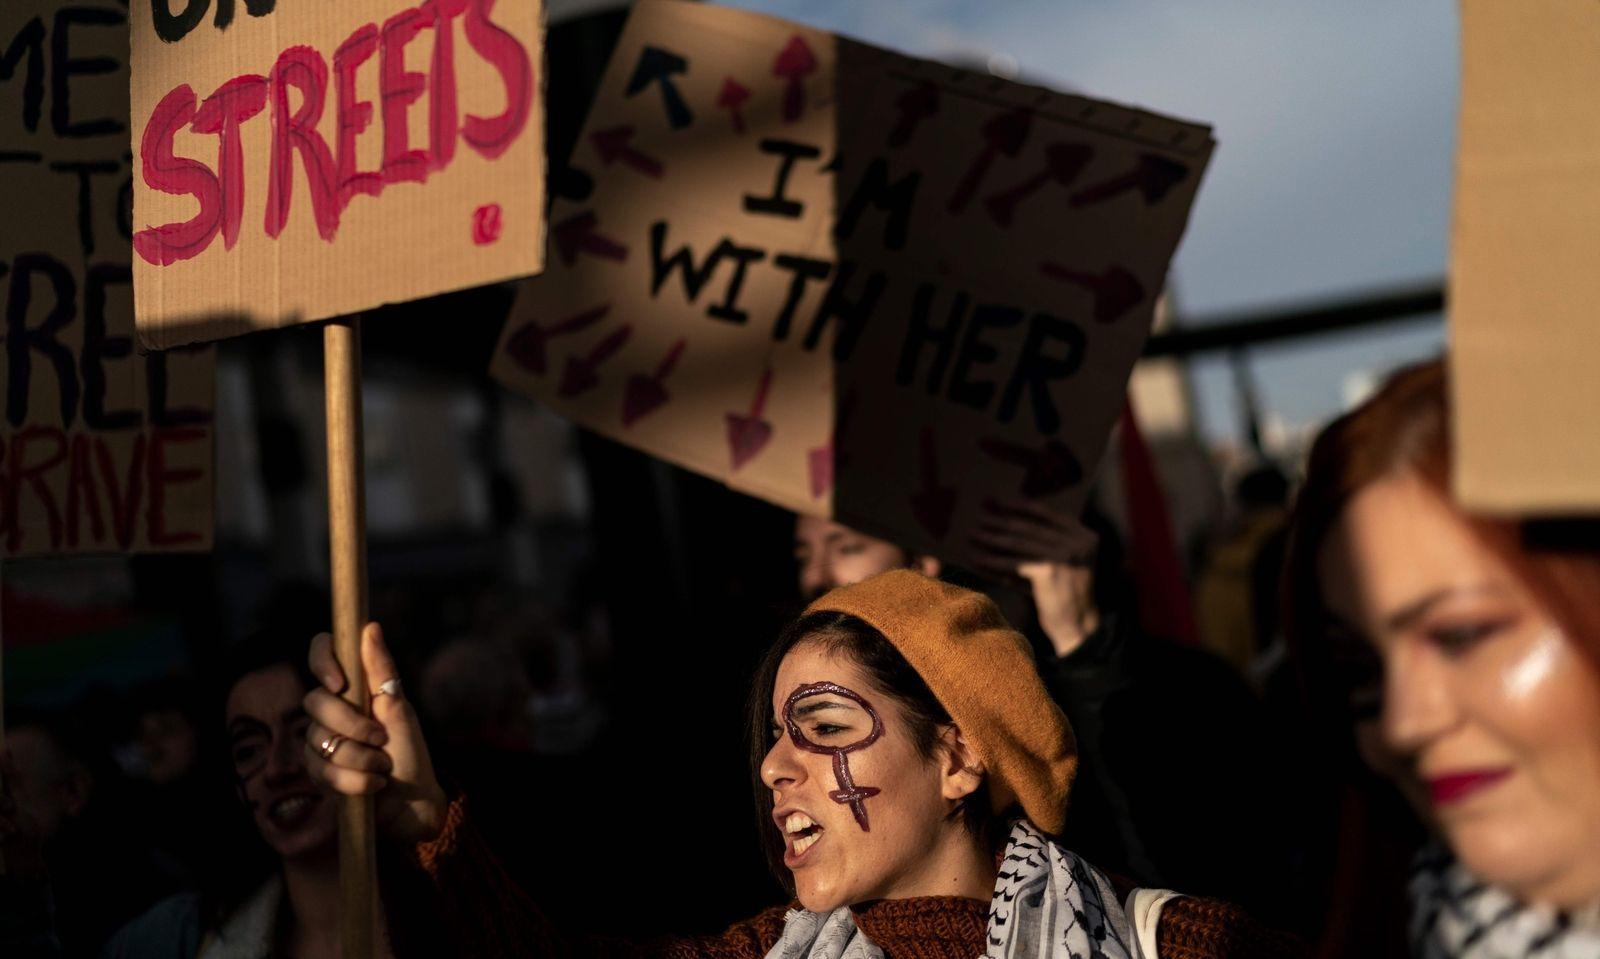 Am Internationalen Tag gegen Gewalt an Frauen und Mädchen gingen weltweit - hier in Brüssel - Menschen auf die Straße.